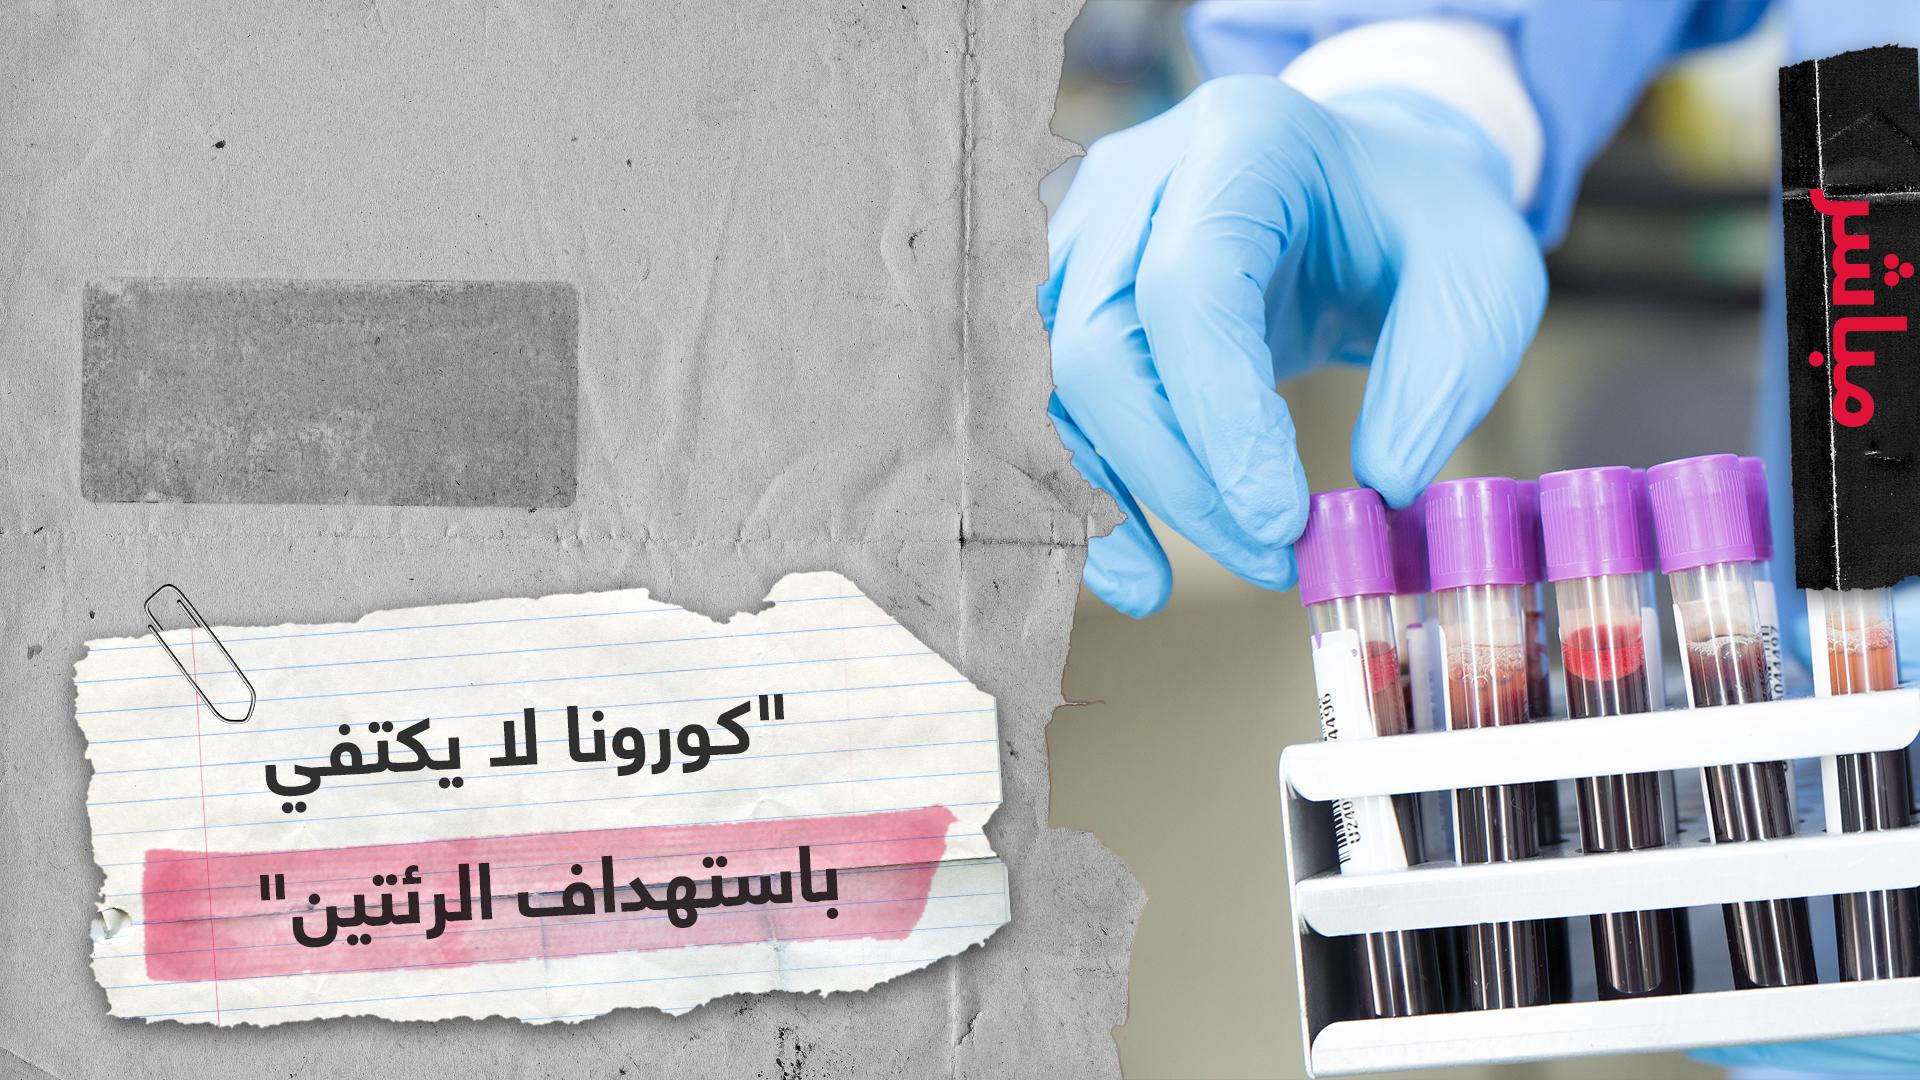 طبيب مصري يكشف معطيات جديدة عن كورونا.. الفيروس يسبب جلطات قاتلة